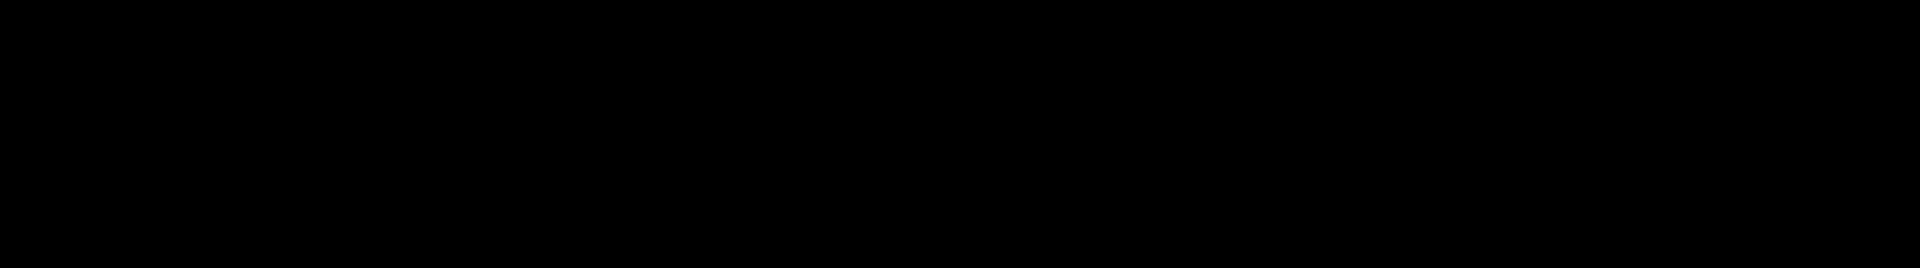 005-FWB-GmbH_Schrift_schwarz_BG_transparent-01.png